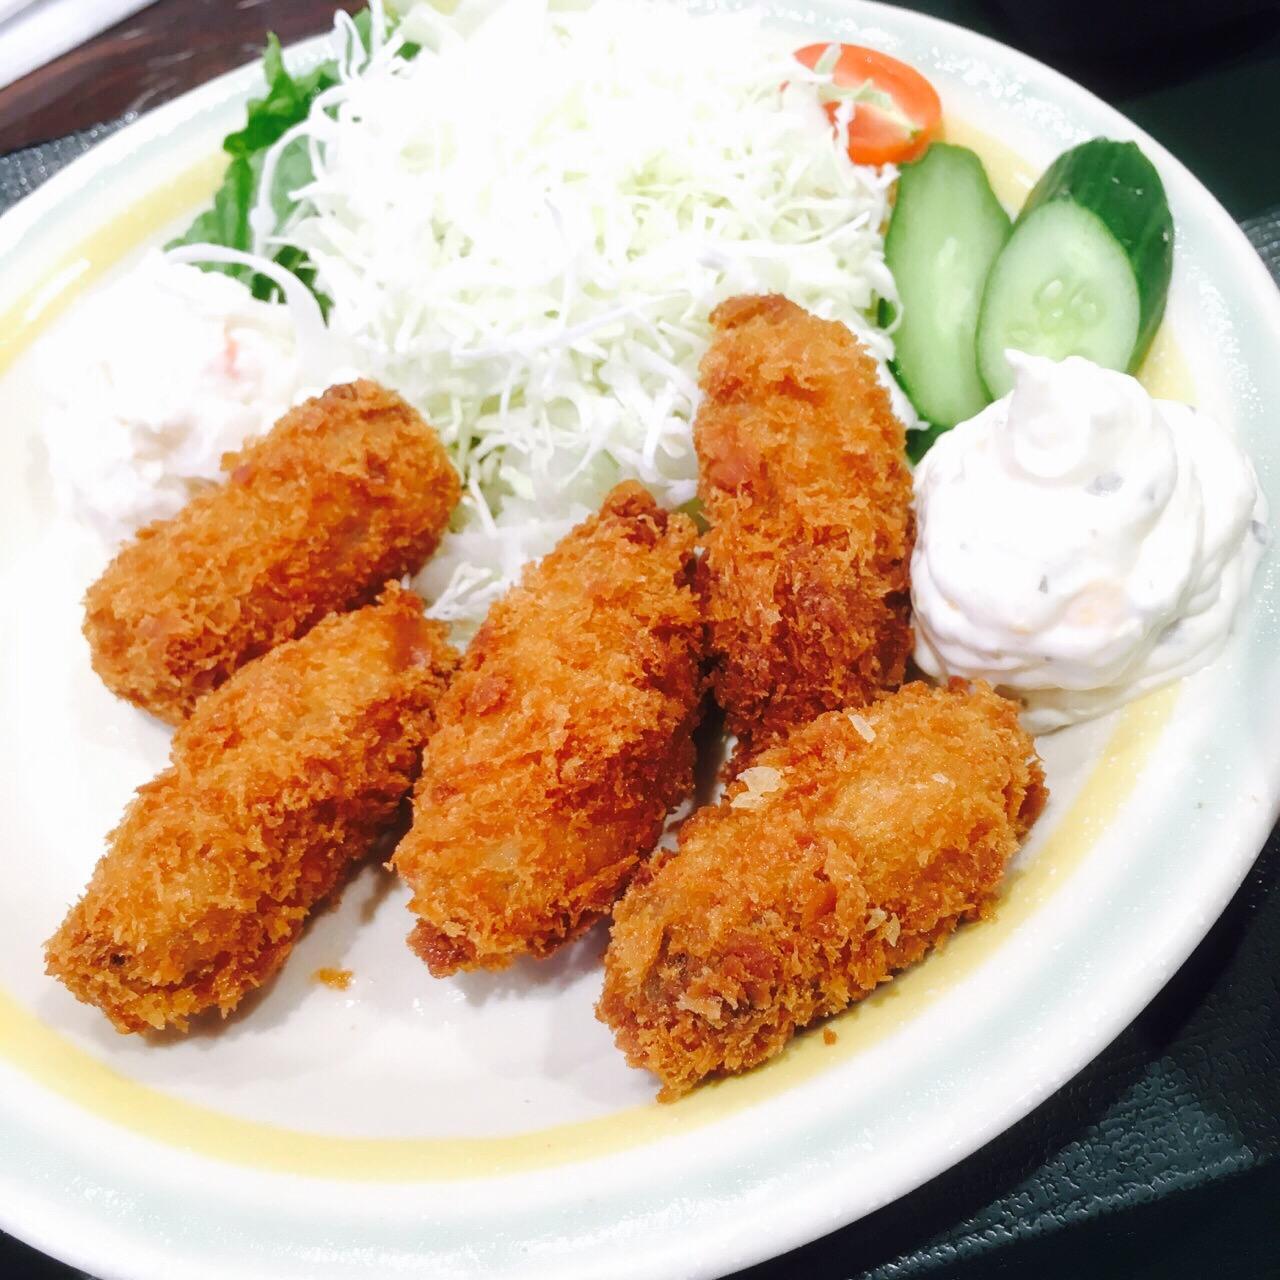 【岡山】日生のスーパー併設の魚市場で食べる海鮮丼やカキフライ定食が絶品!